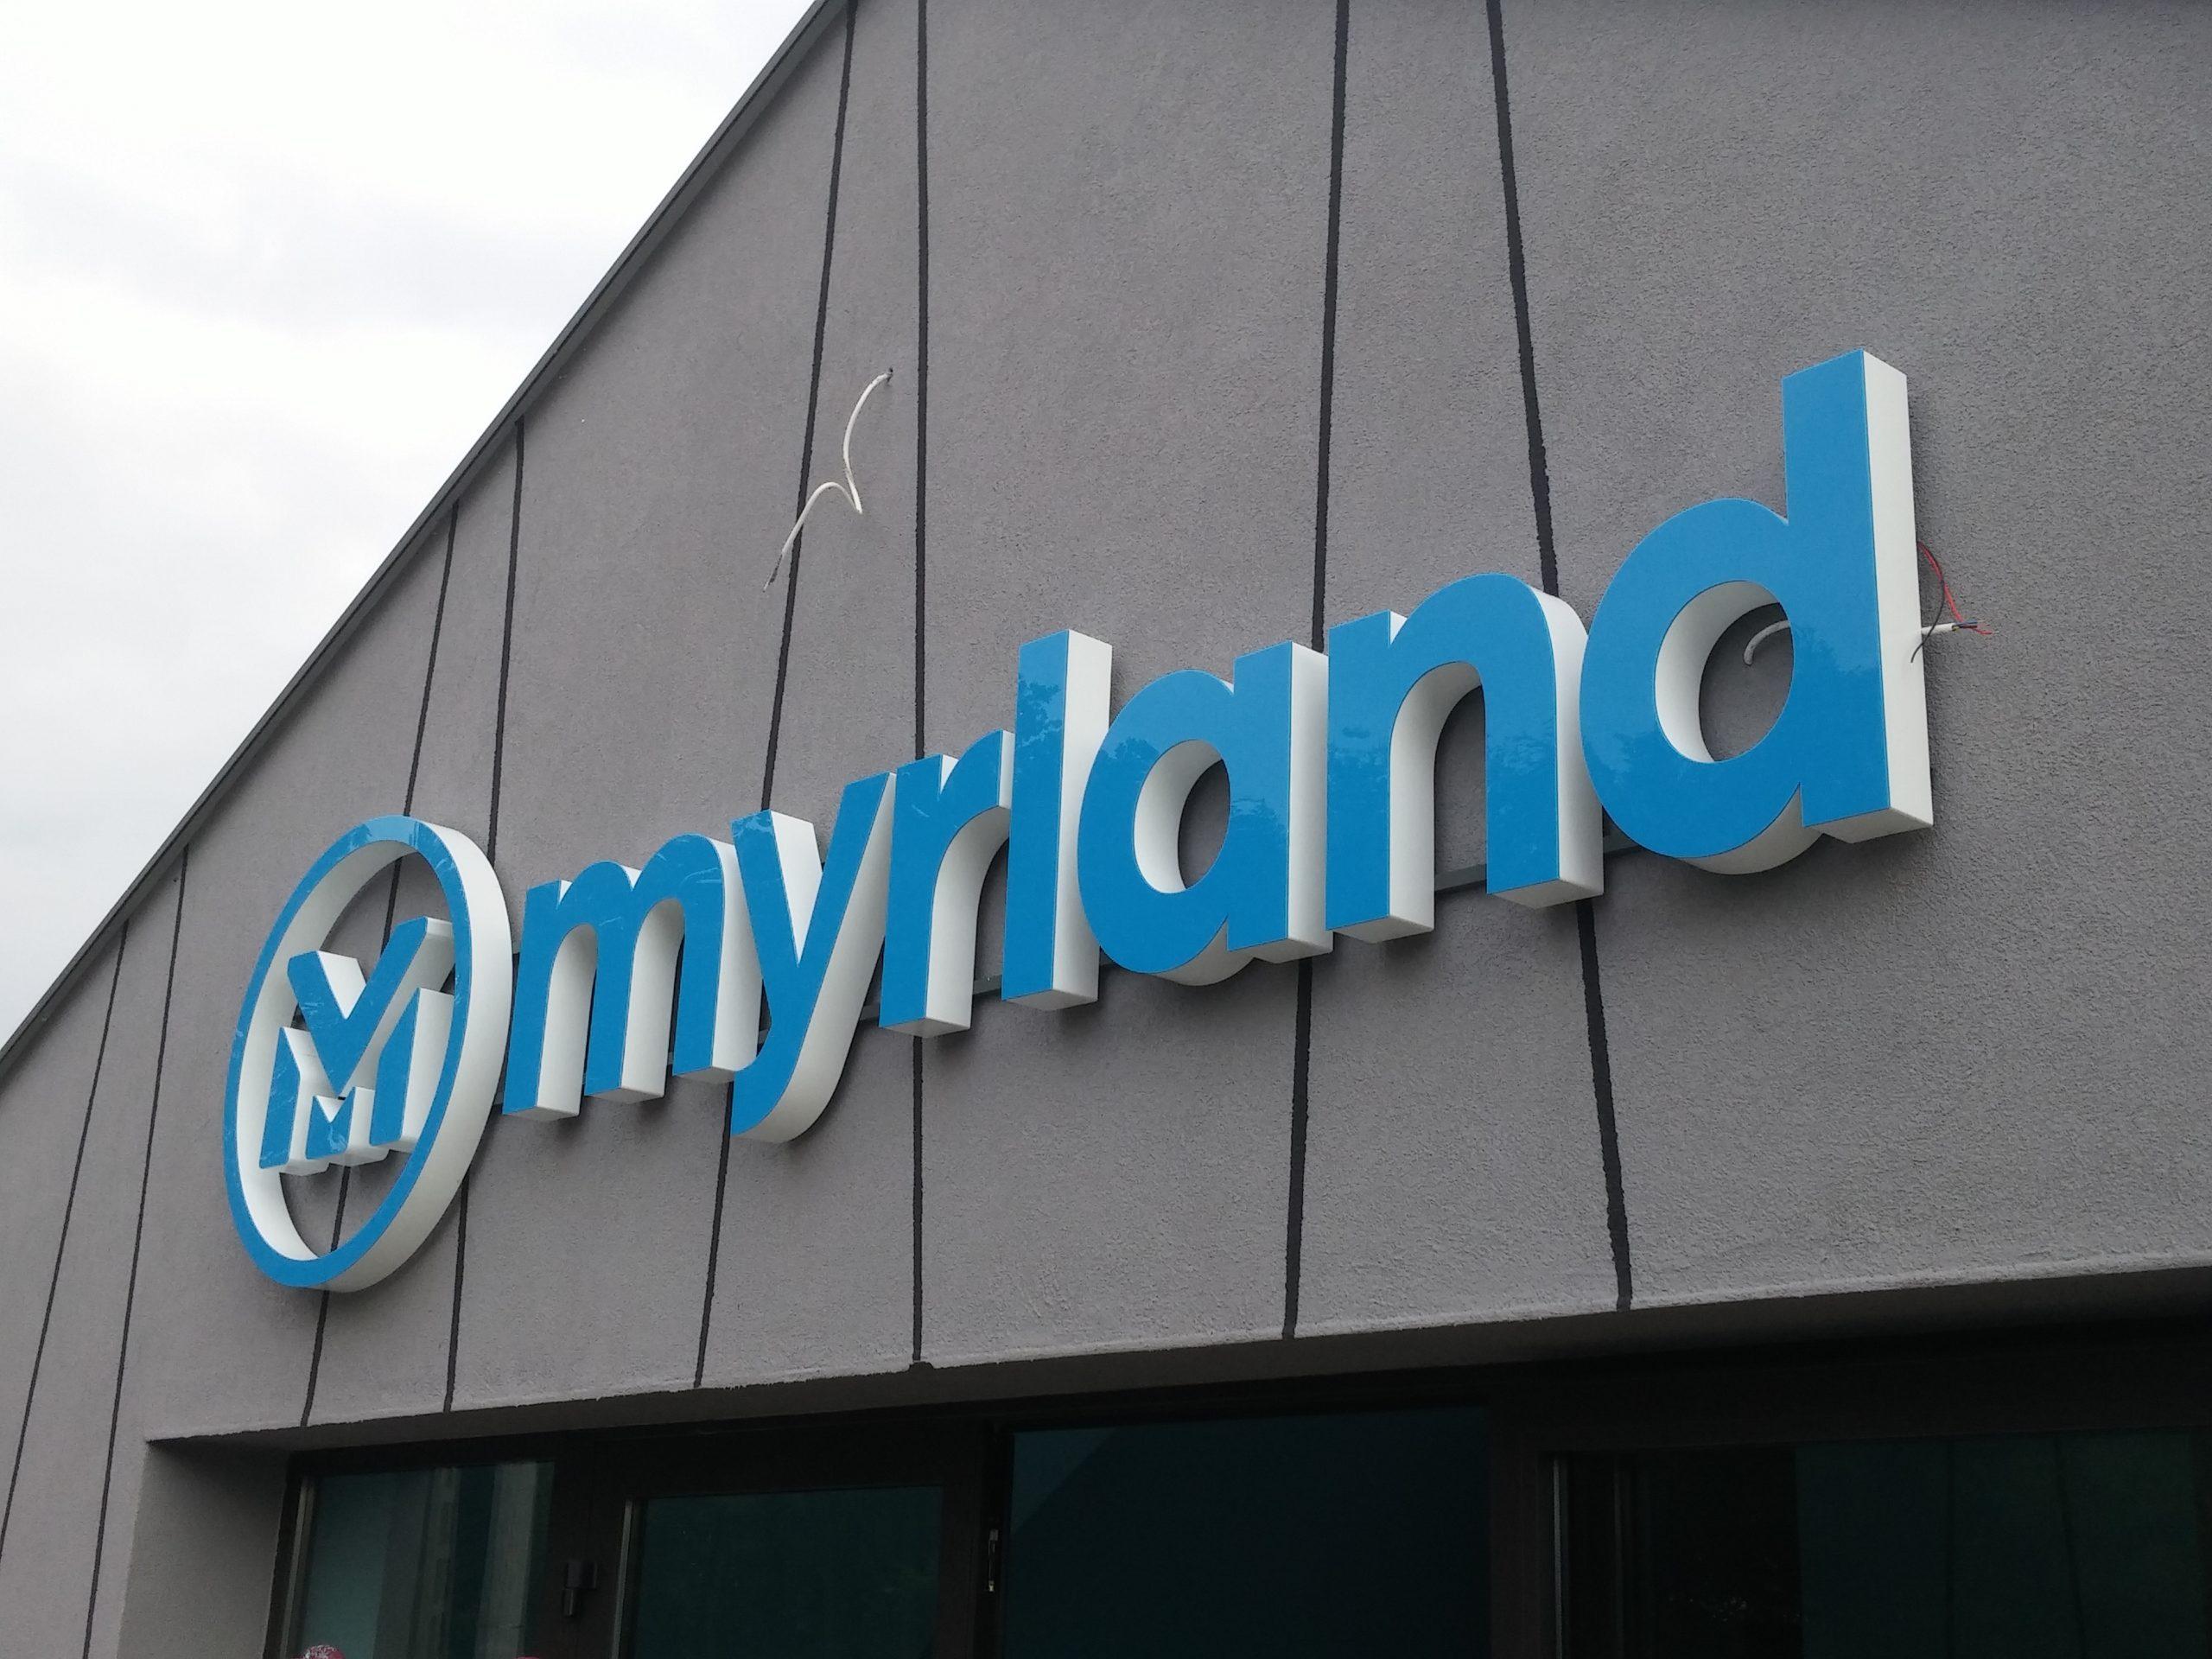 Realizacja reklamy Myrland